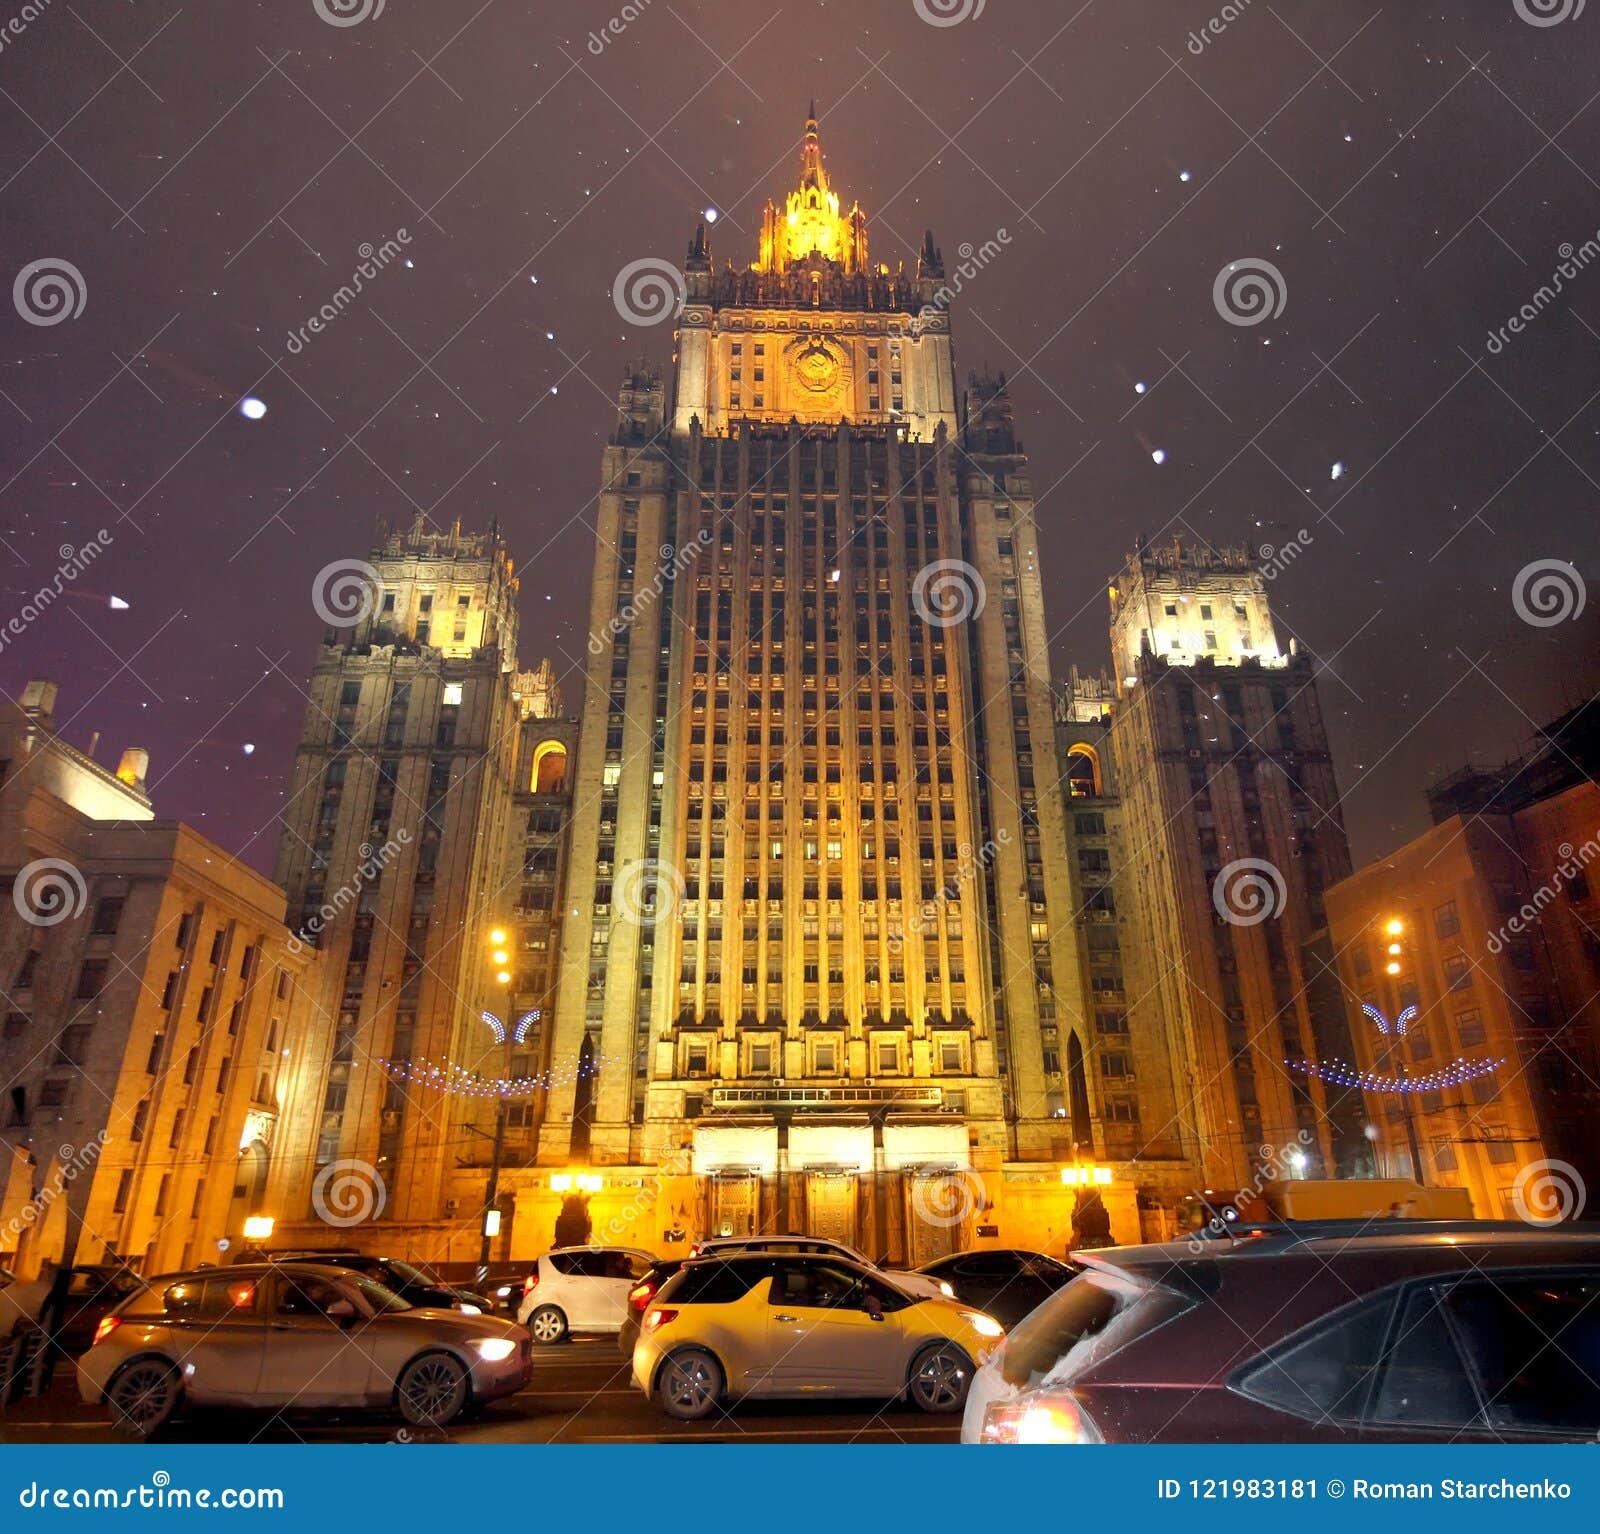 Ministerie van Buitenlandse zaken de Russische Federatie